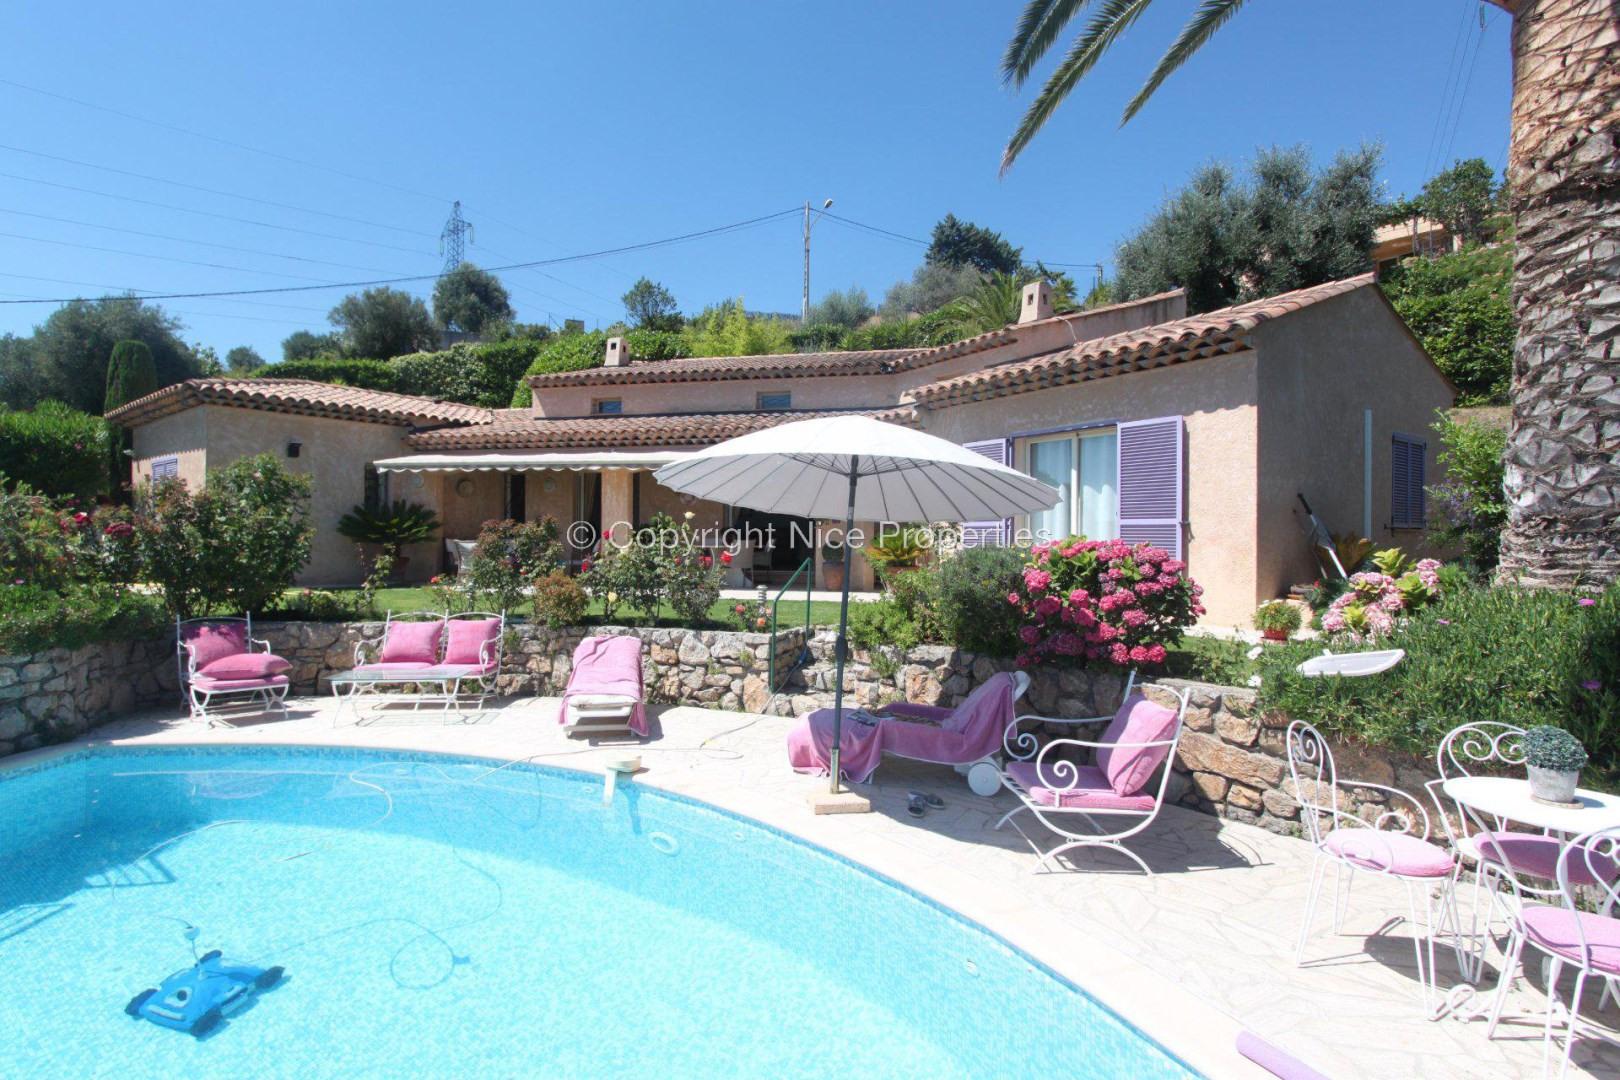 Villa De Luxe A Vendre A Nice 780 000 6 Pieces 210 M Belles Demeures